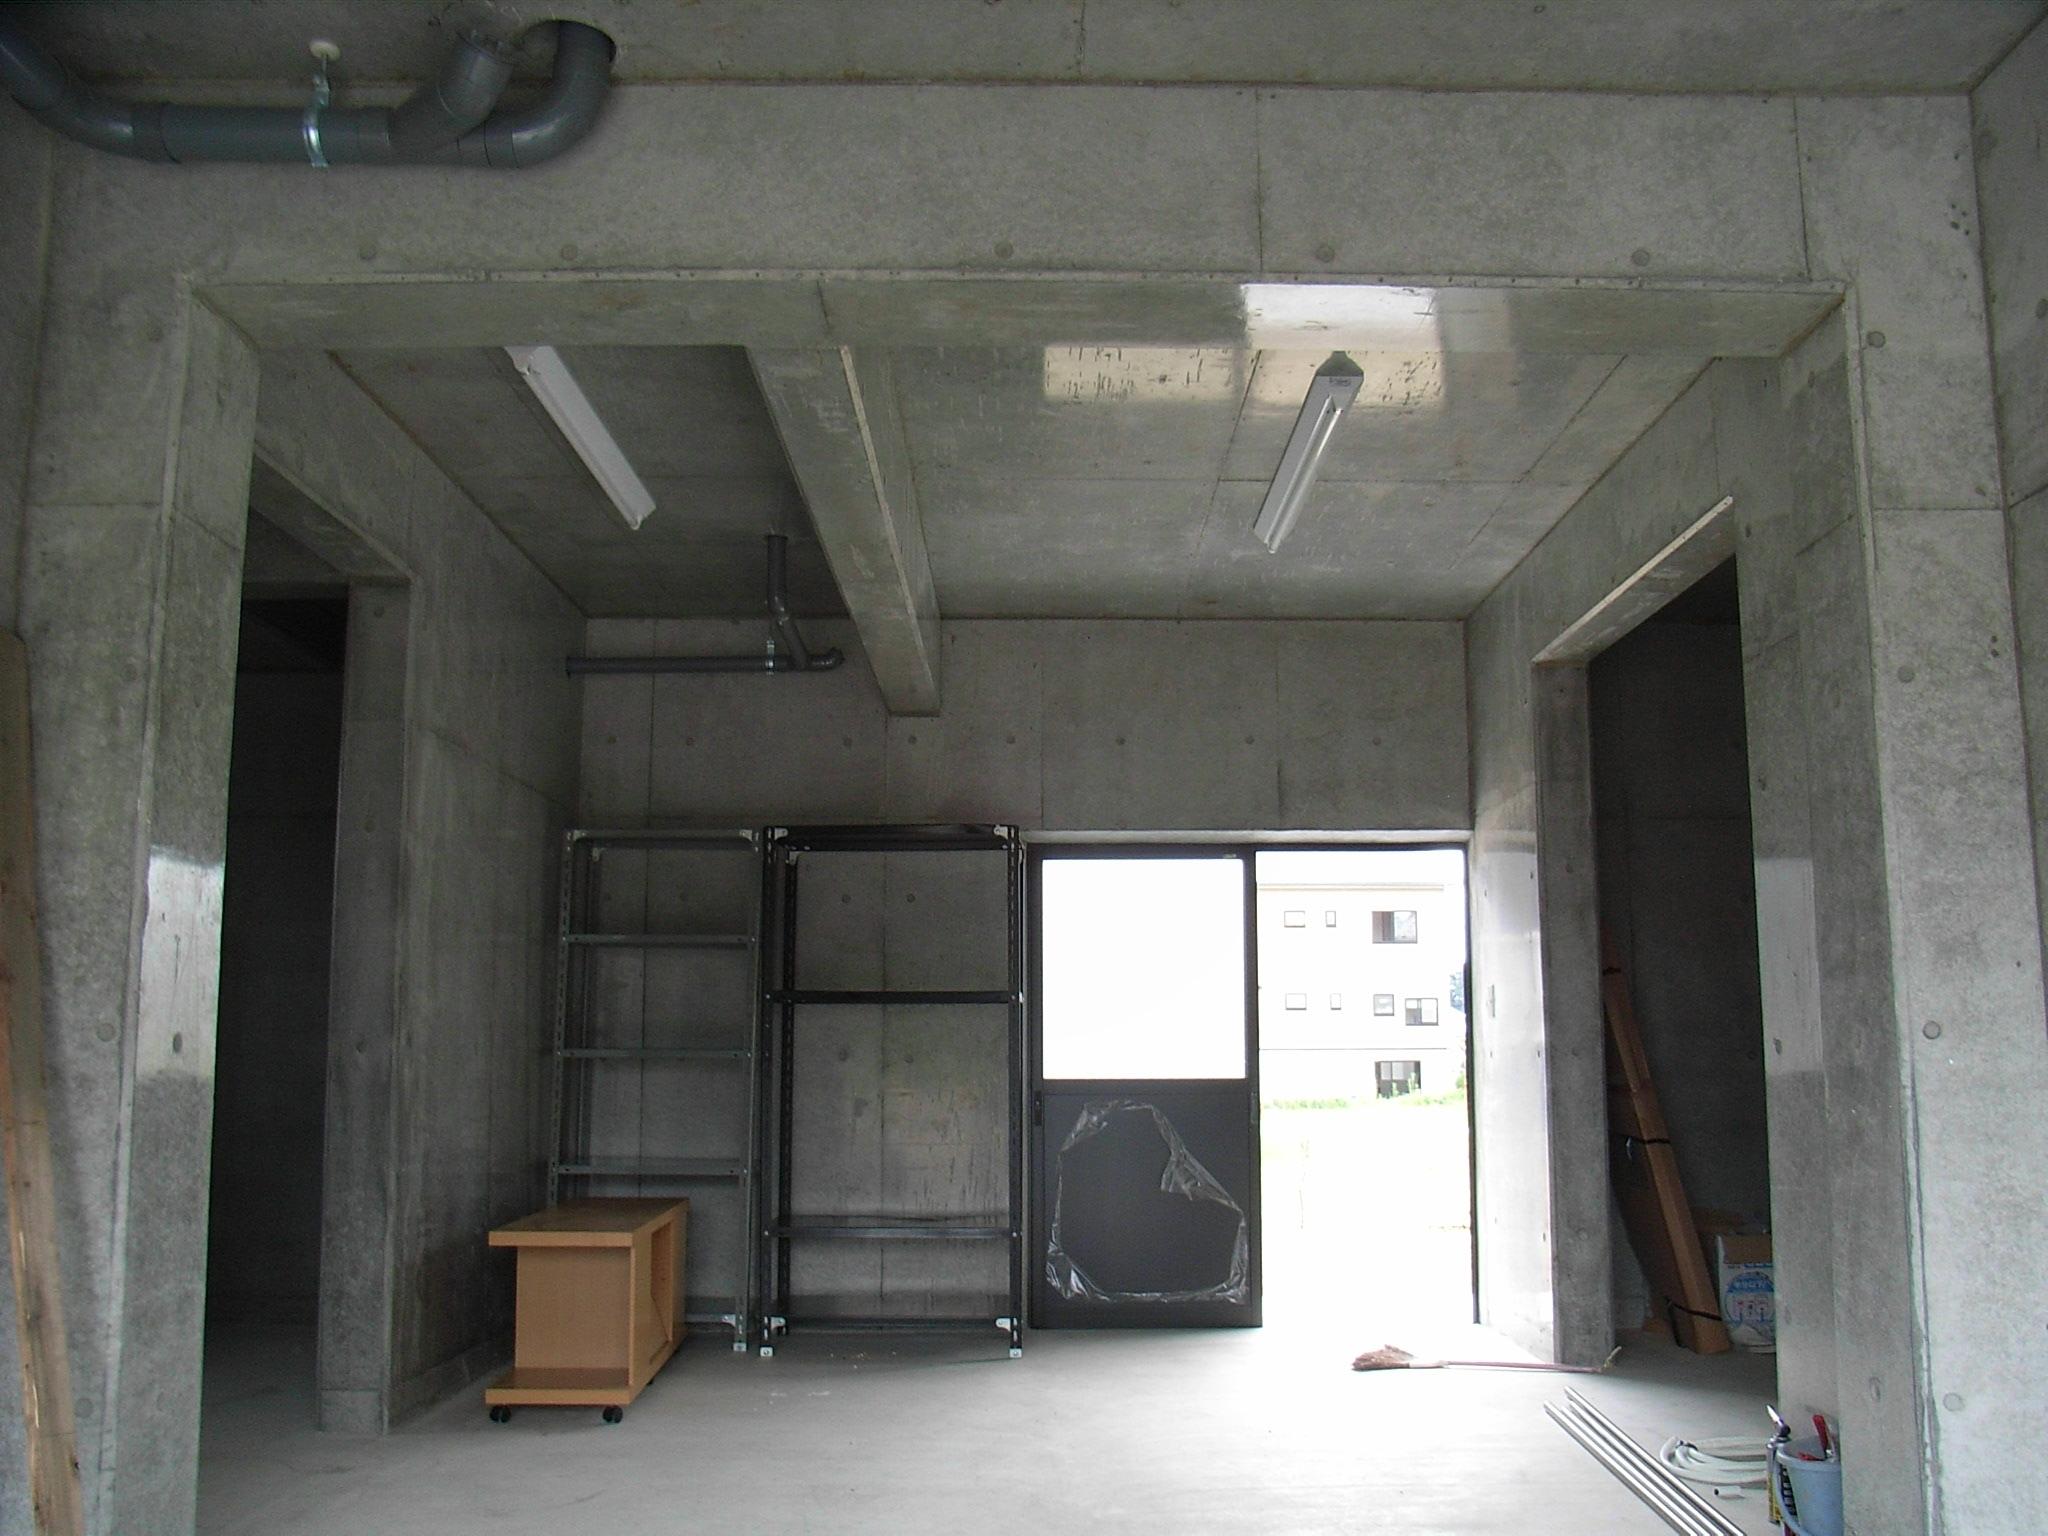 http://www.nagumo-juken.jp/images/i-house12.jpg